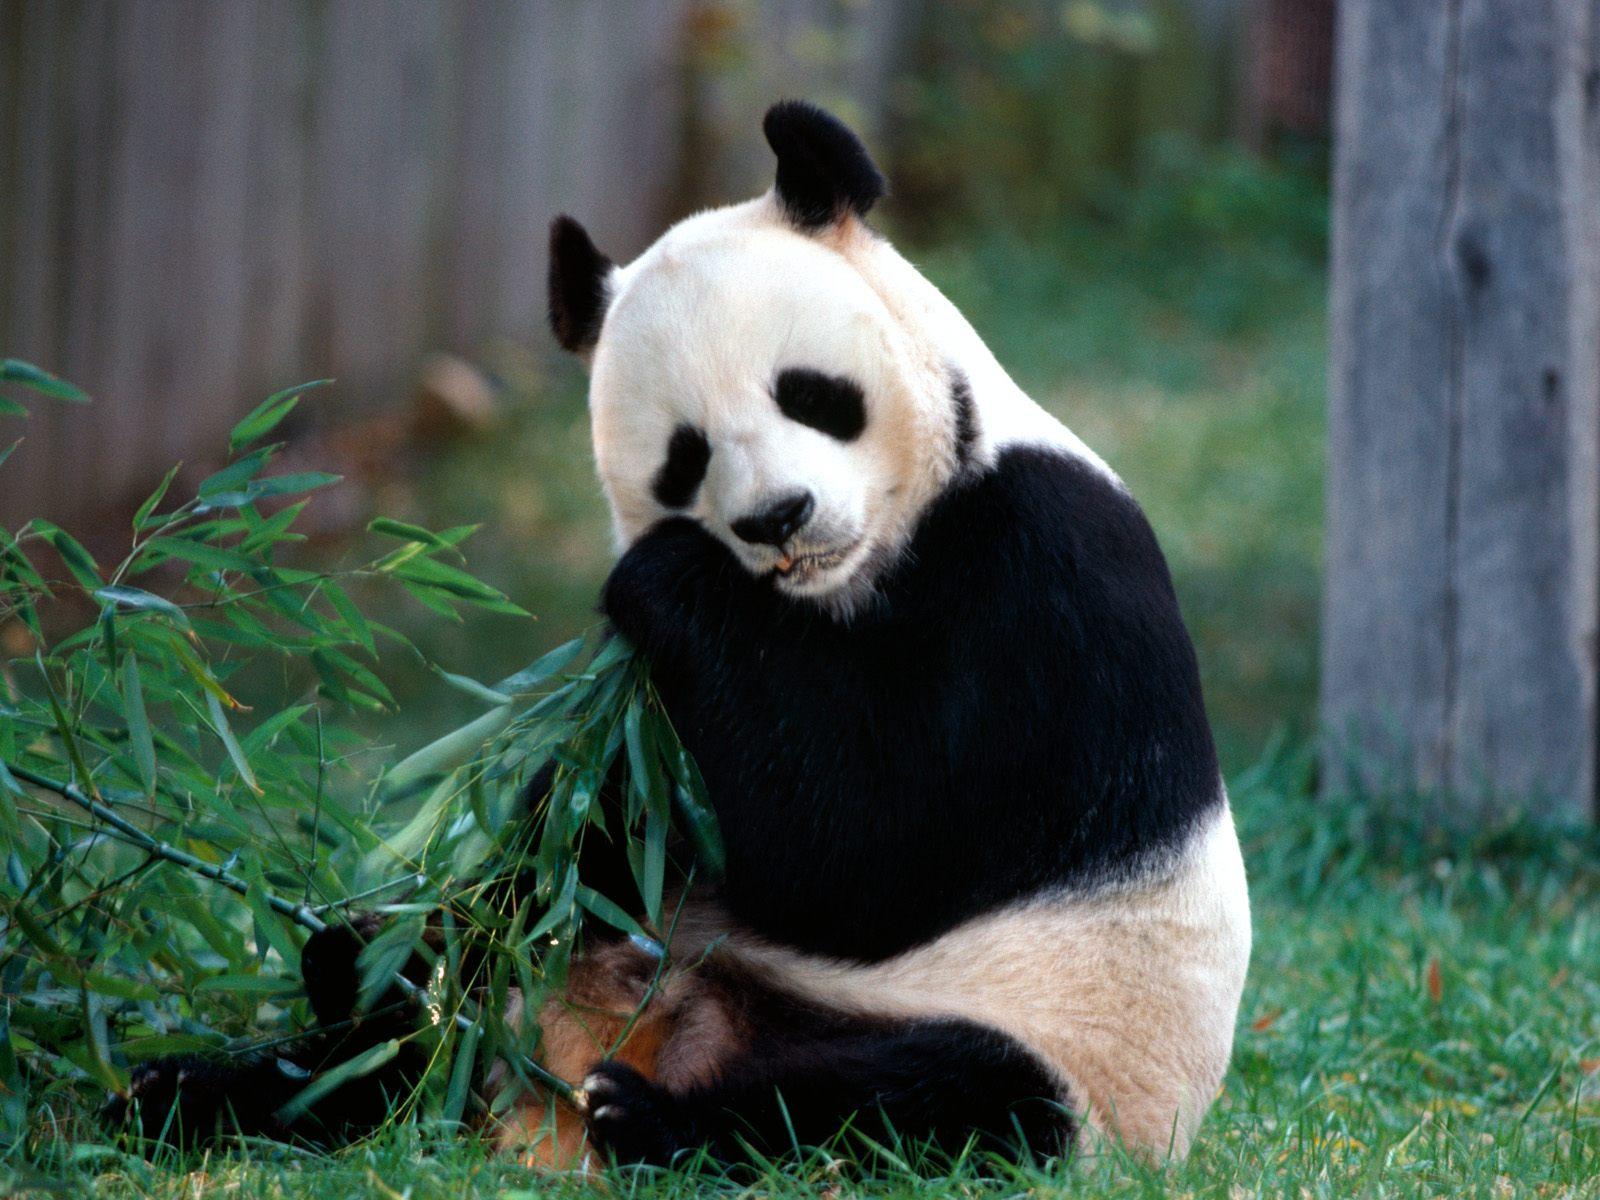 Beautiful Wallpapers: panda bear wallpaper